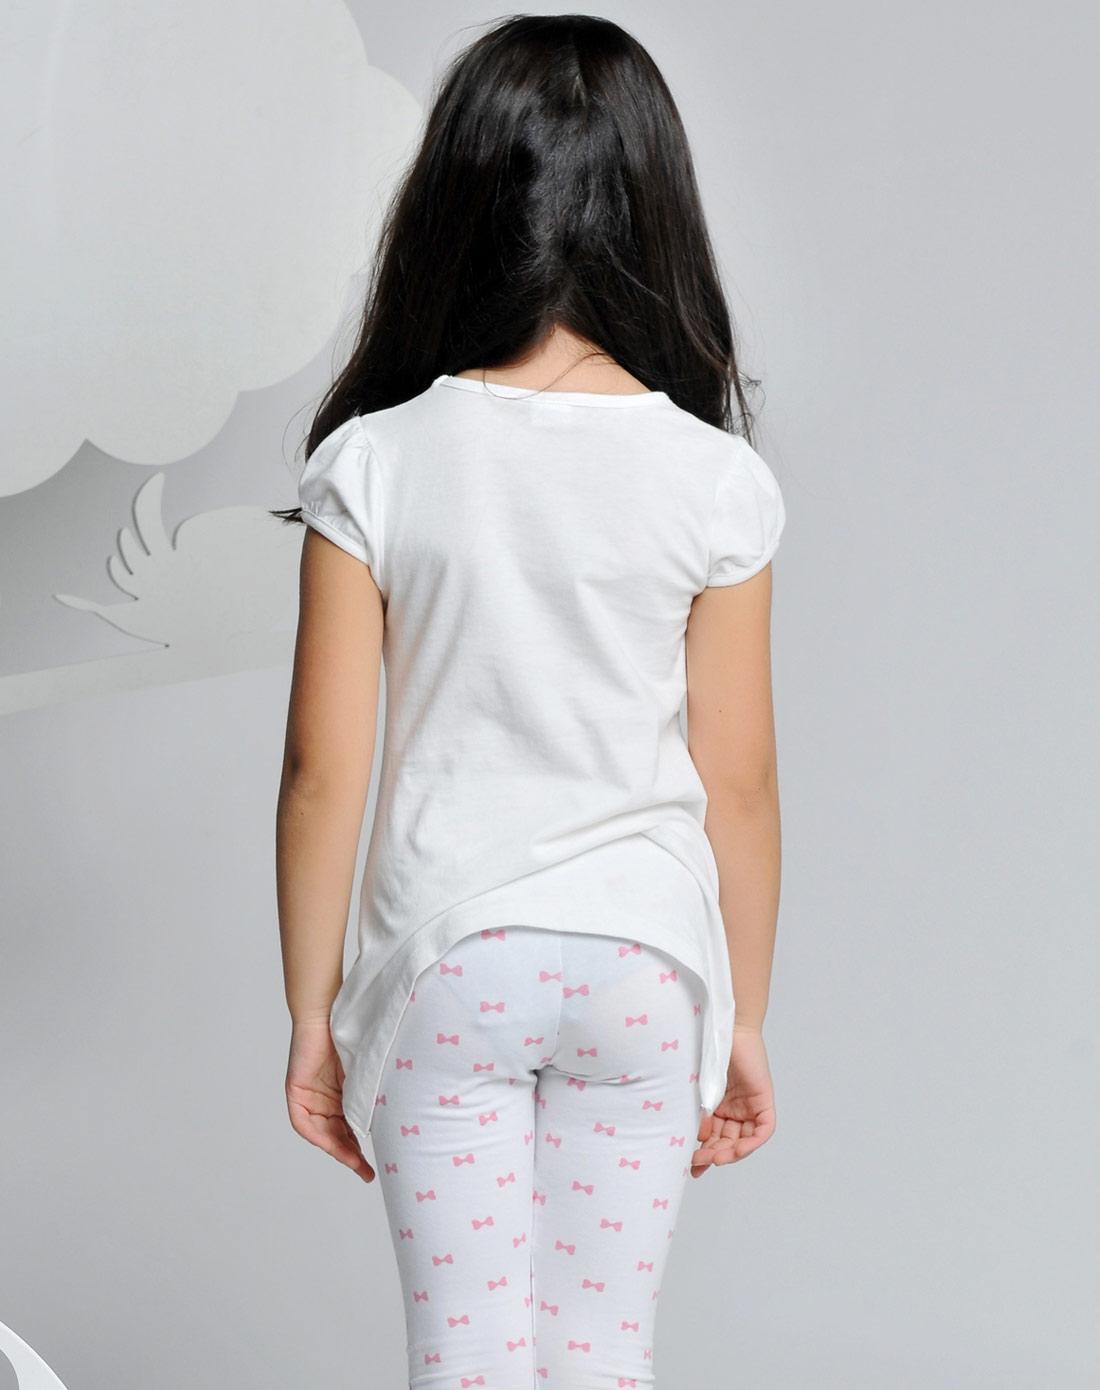 女童米白长款t恤图片